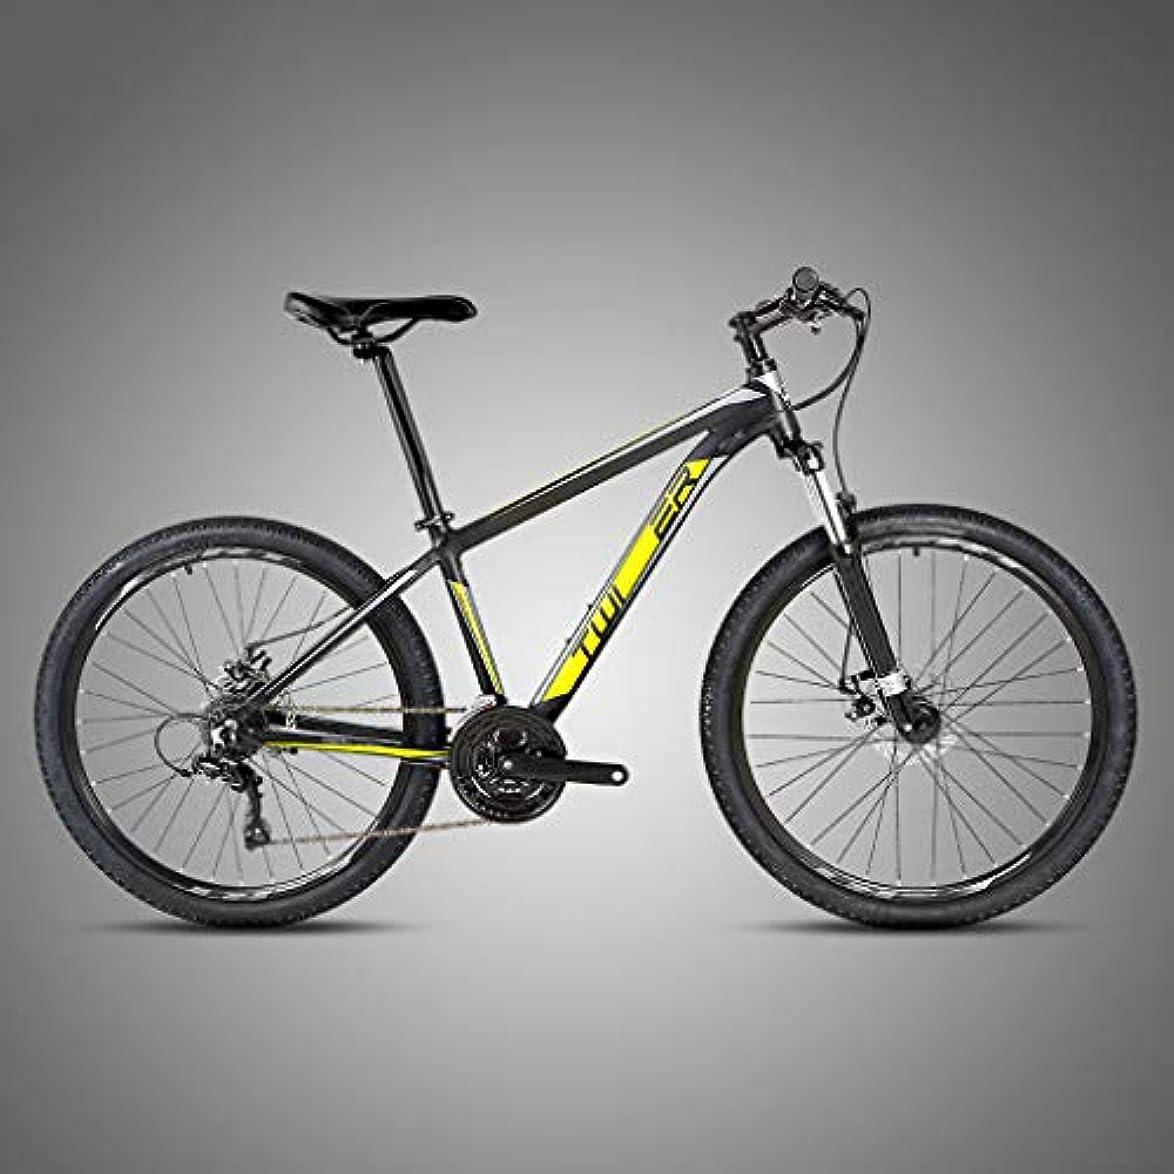 温室遺伝的ペンダントマウンテンバイク 24段変速 アルミフレーム フルサスペンション マウンテンバイクダブルディスクブレーキMTBバイク 大人の男性と女性の十代の若者自転車 (26 インチ)